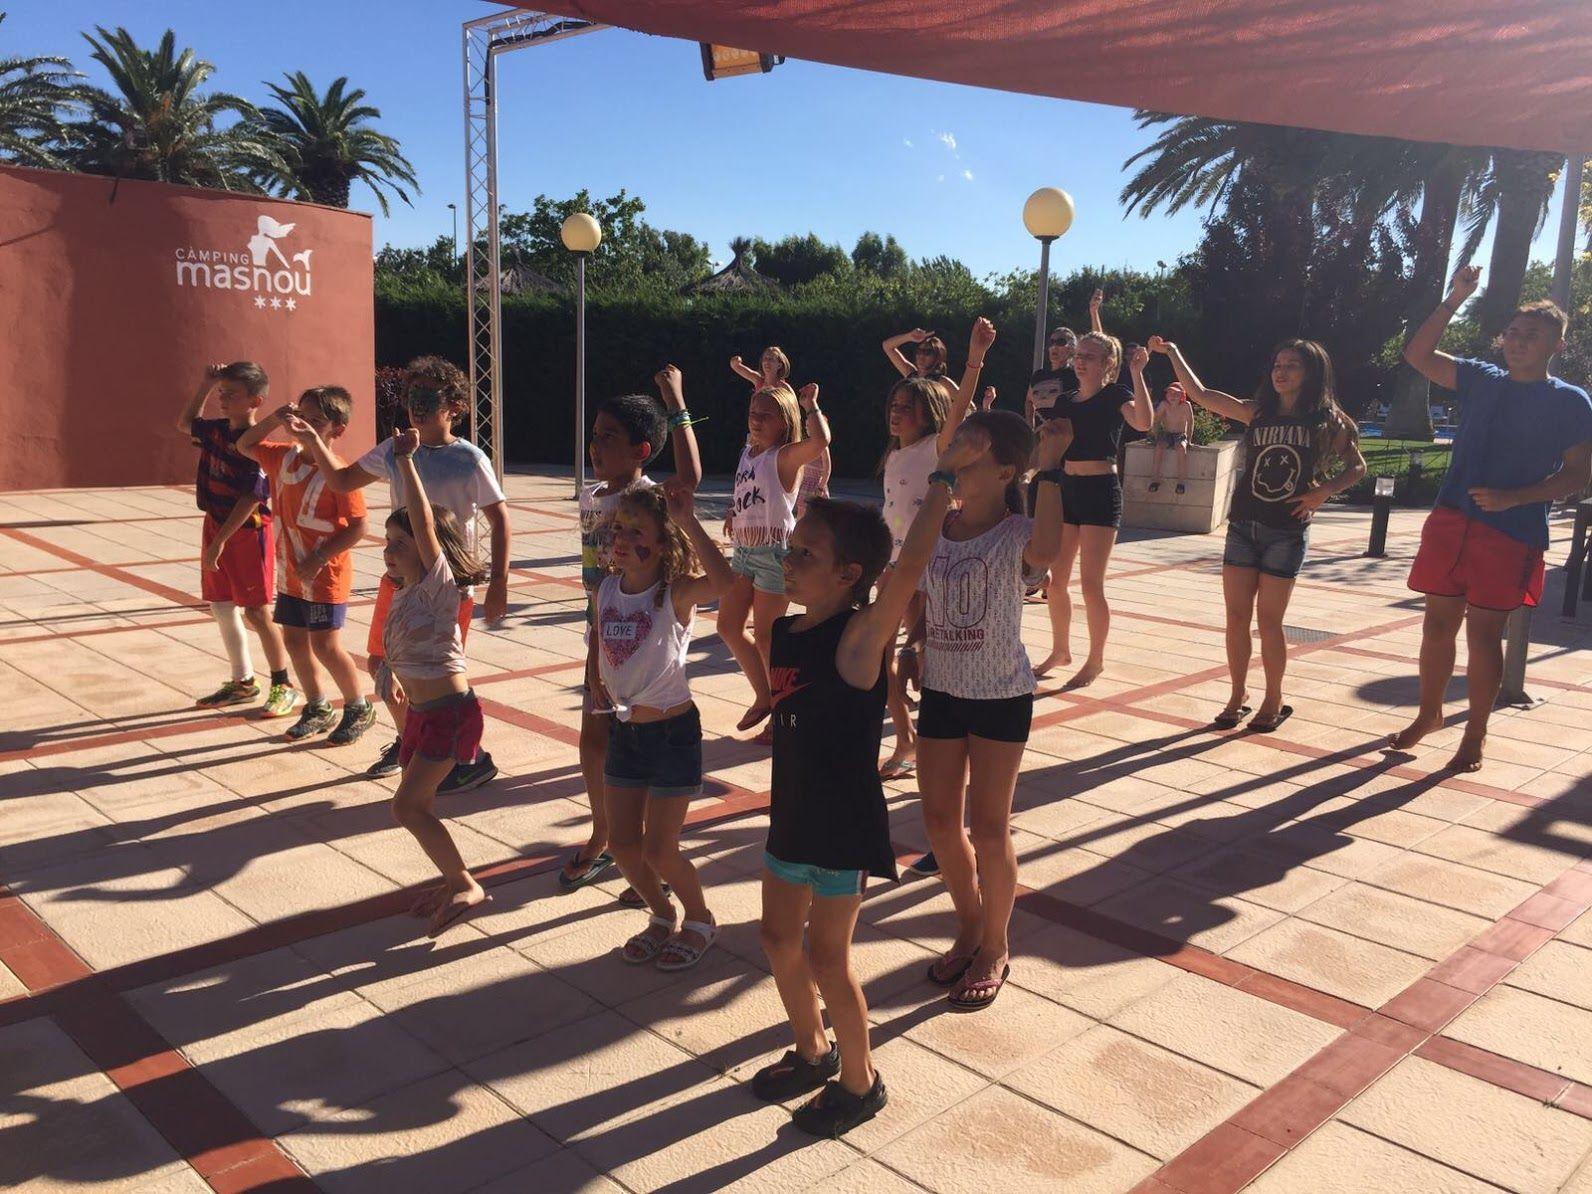 Sctividades de animación. #zumba #dance #baile #kids #miniclub